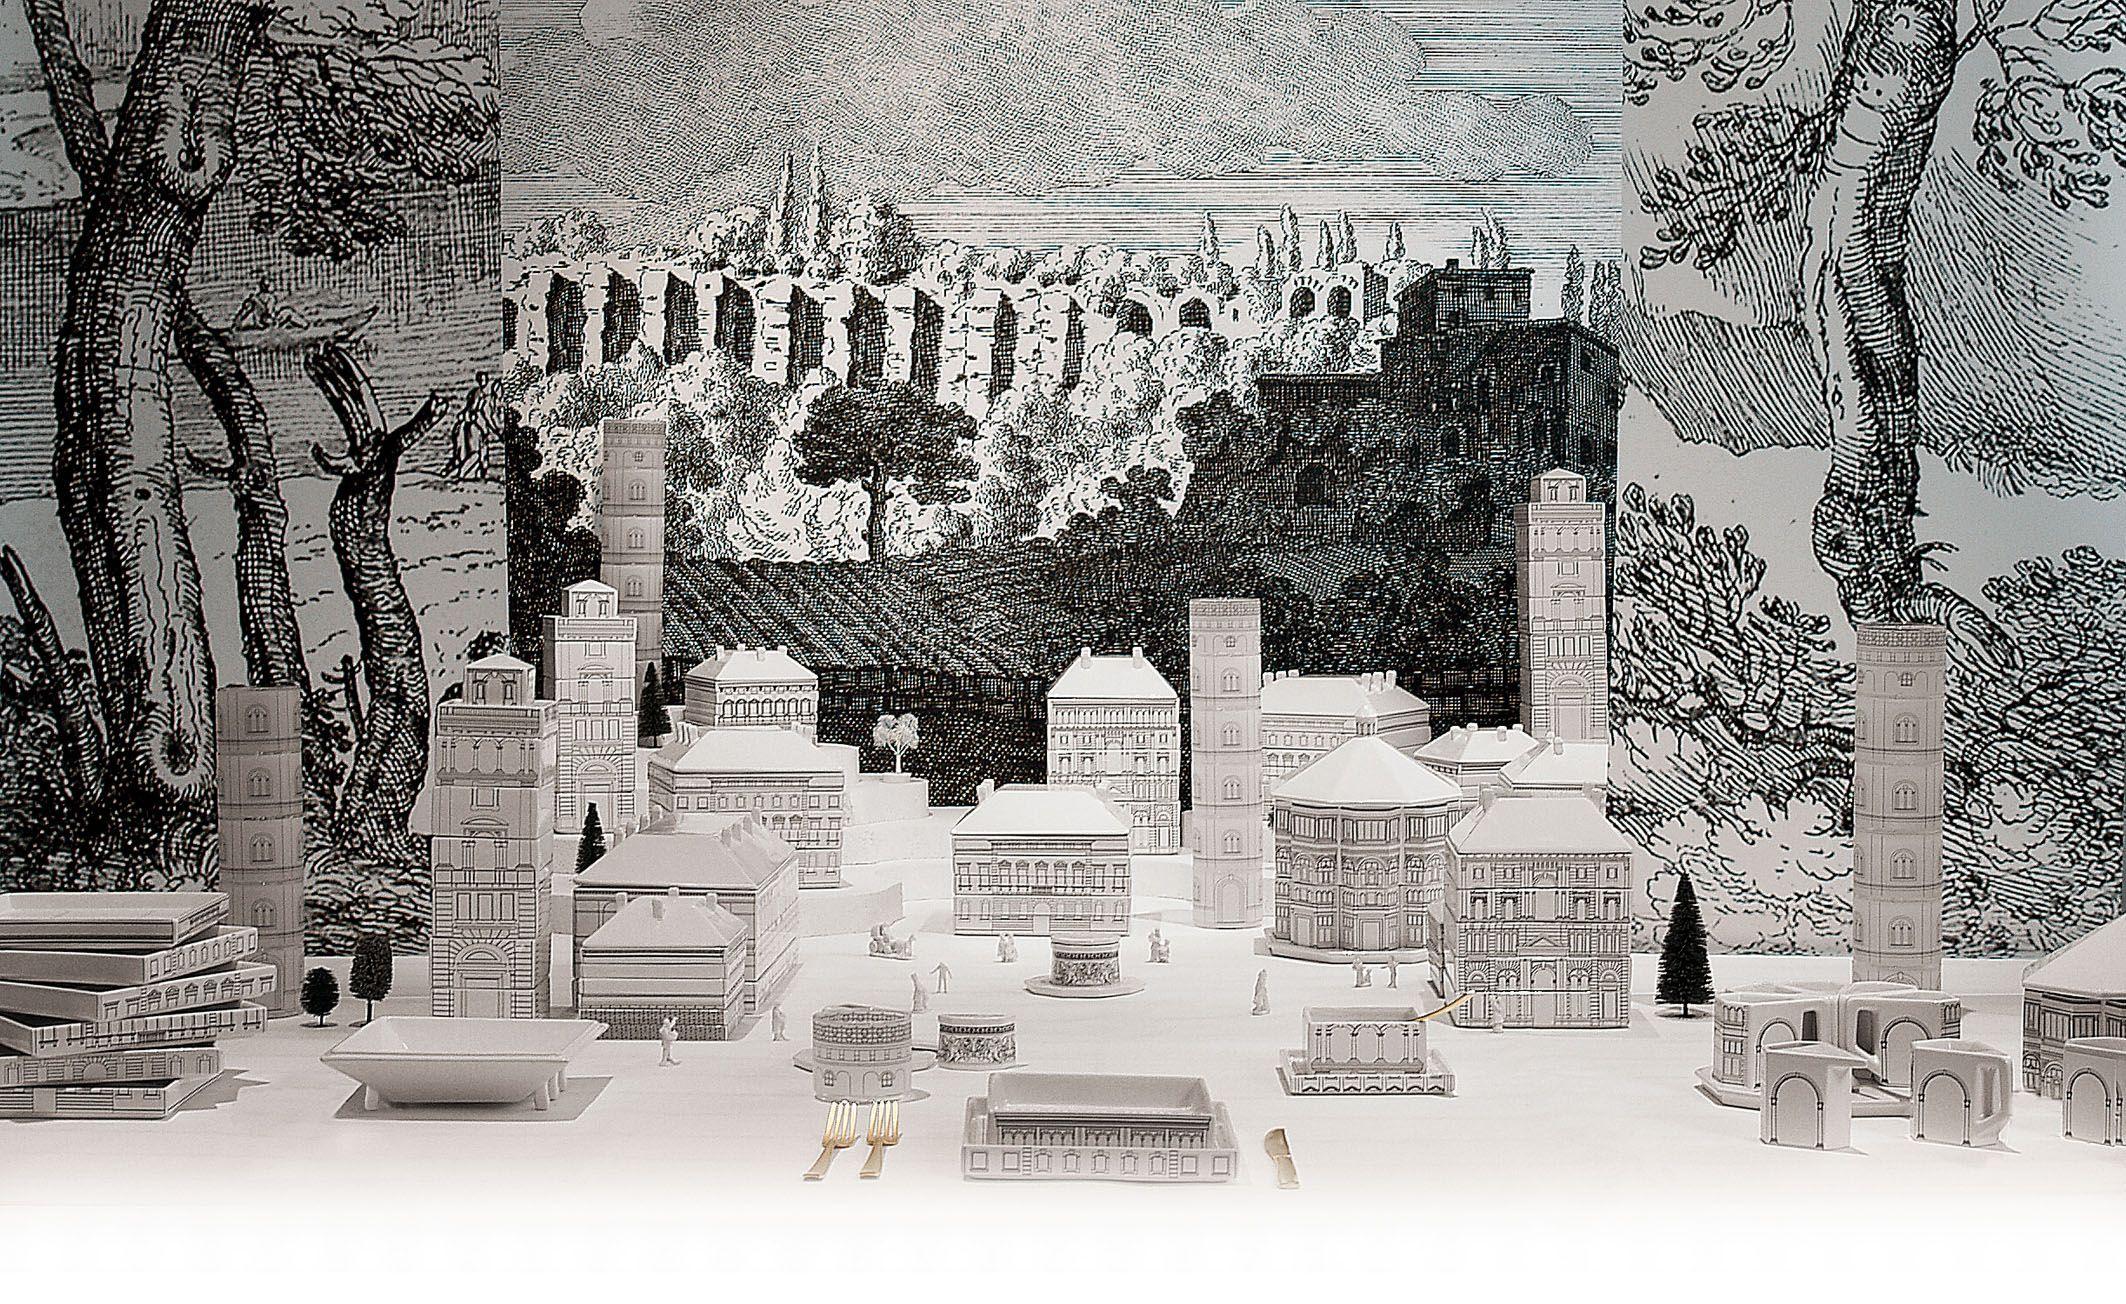 ArchiGlam / Palace by Seletti. Palace, una linea ironica e funzionale come quelle a cuiSelettici ha da sempre abituati. Palazzi e architetture Rinascimentali, disegnati daAlessandro Zambelli, che costituiscono un vero e proprio servizio da tavola, impilabile, compatto e modulare.